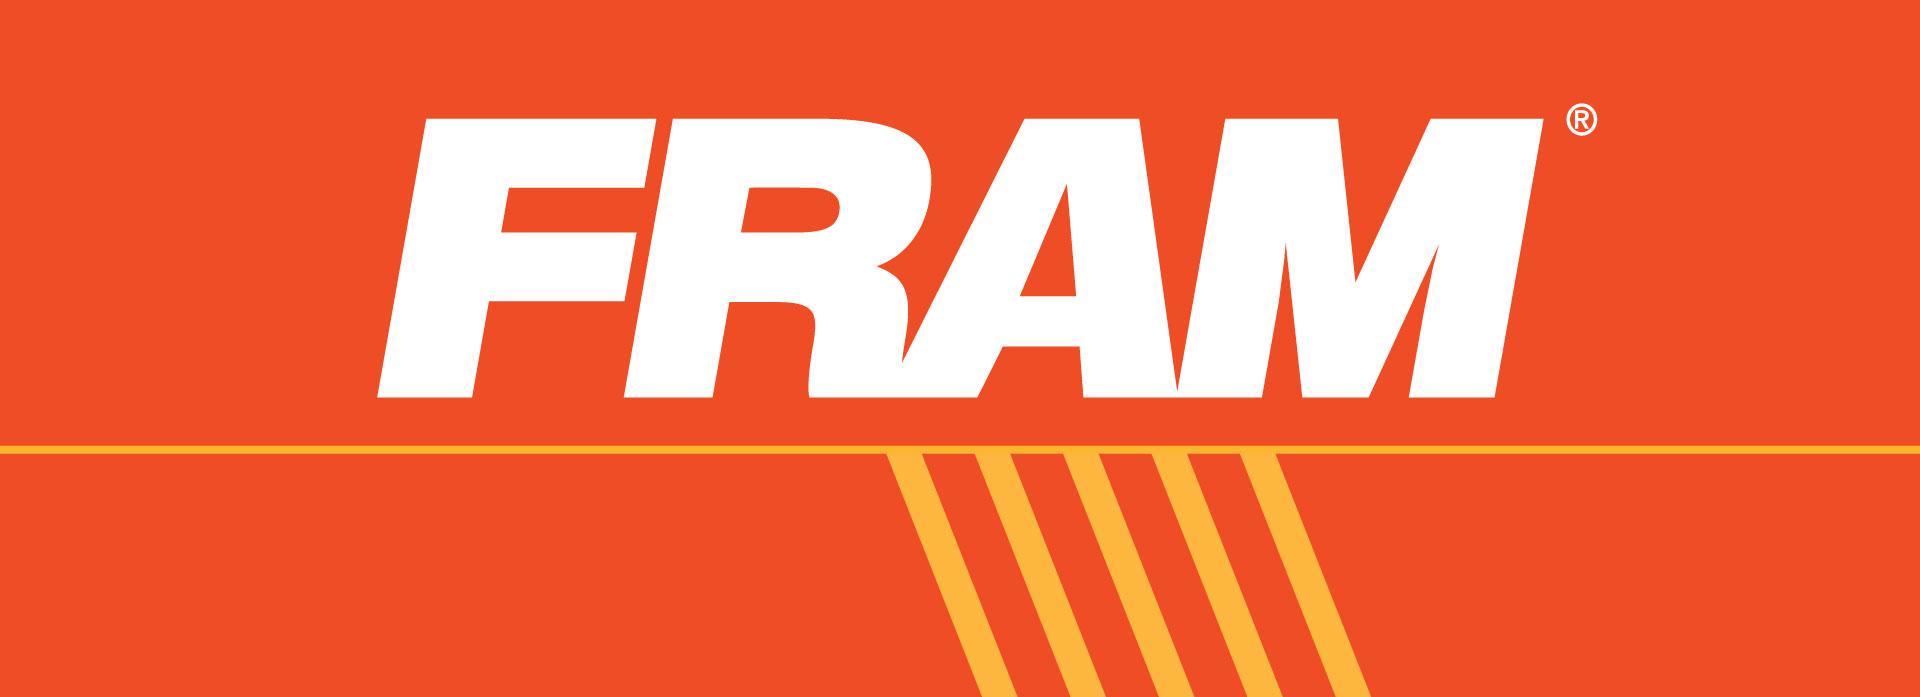 FRAM - Brand Identity